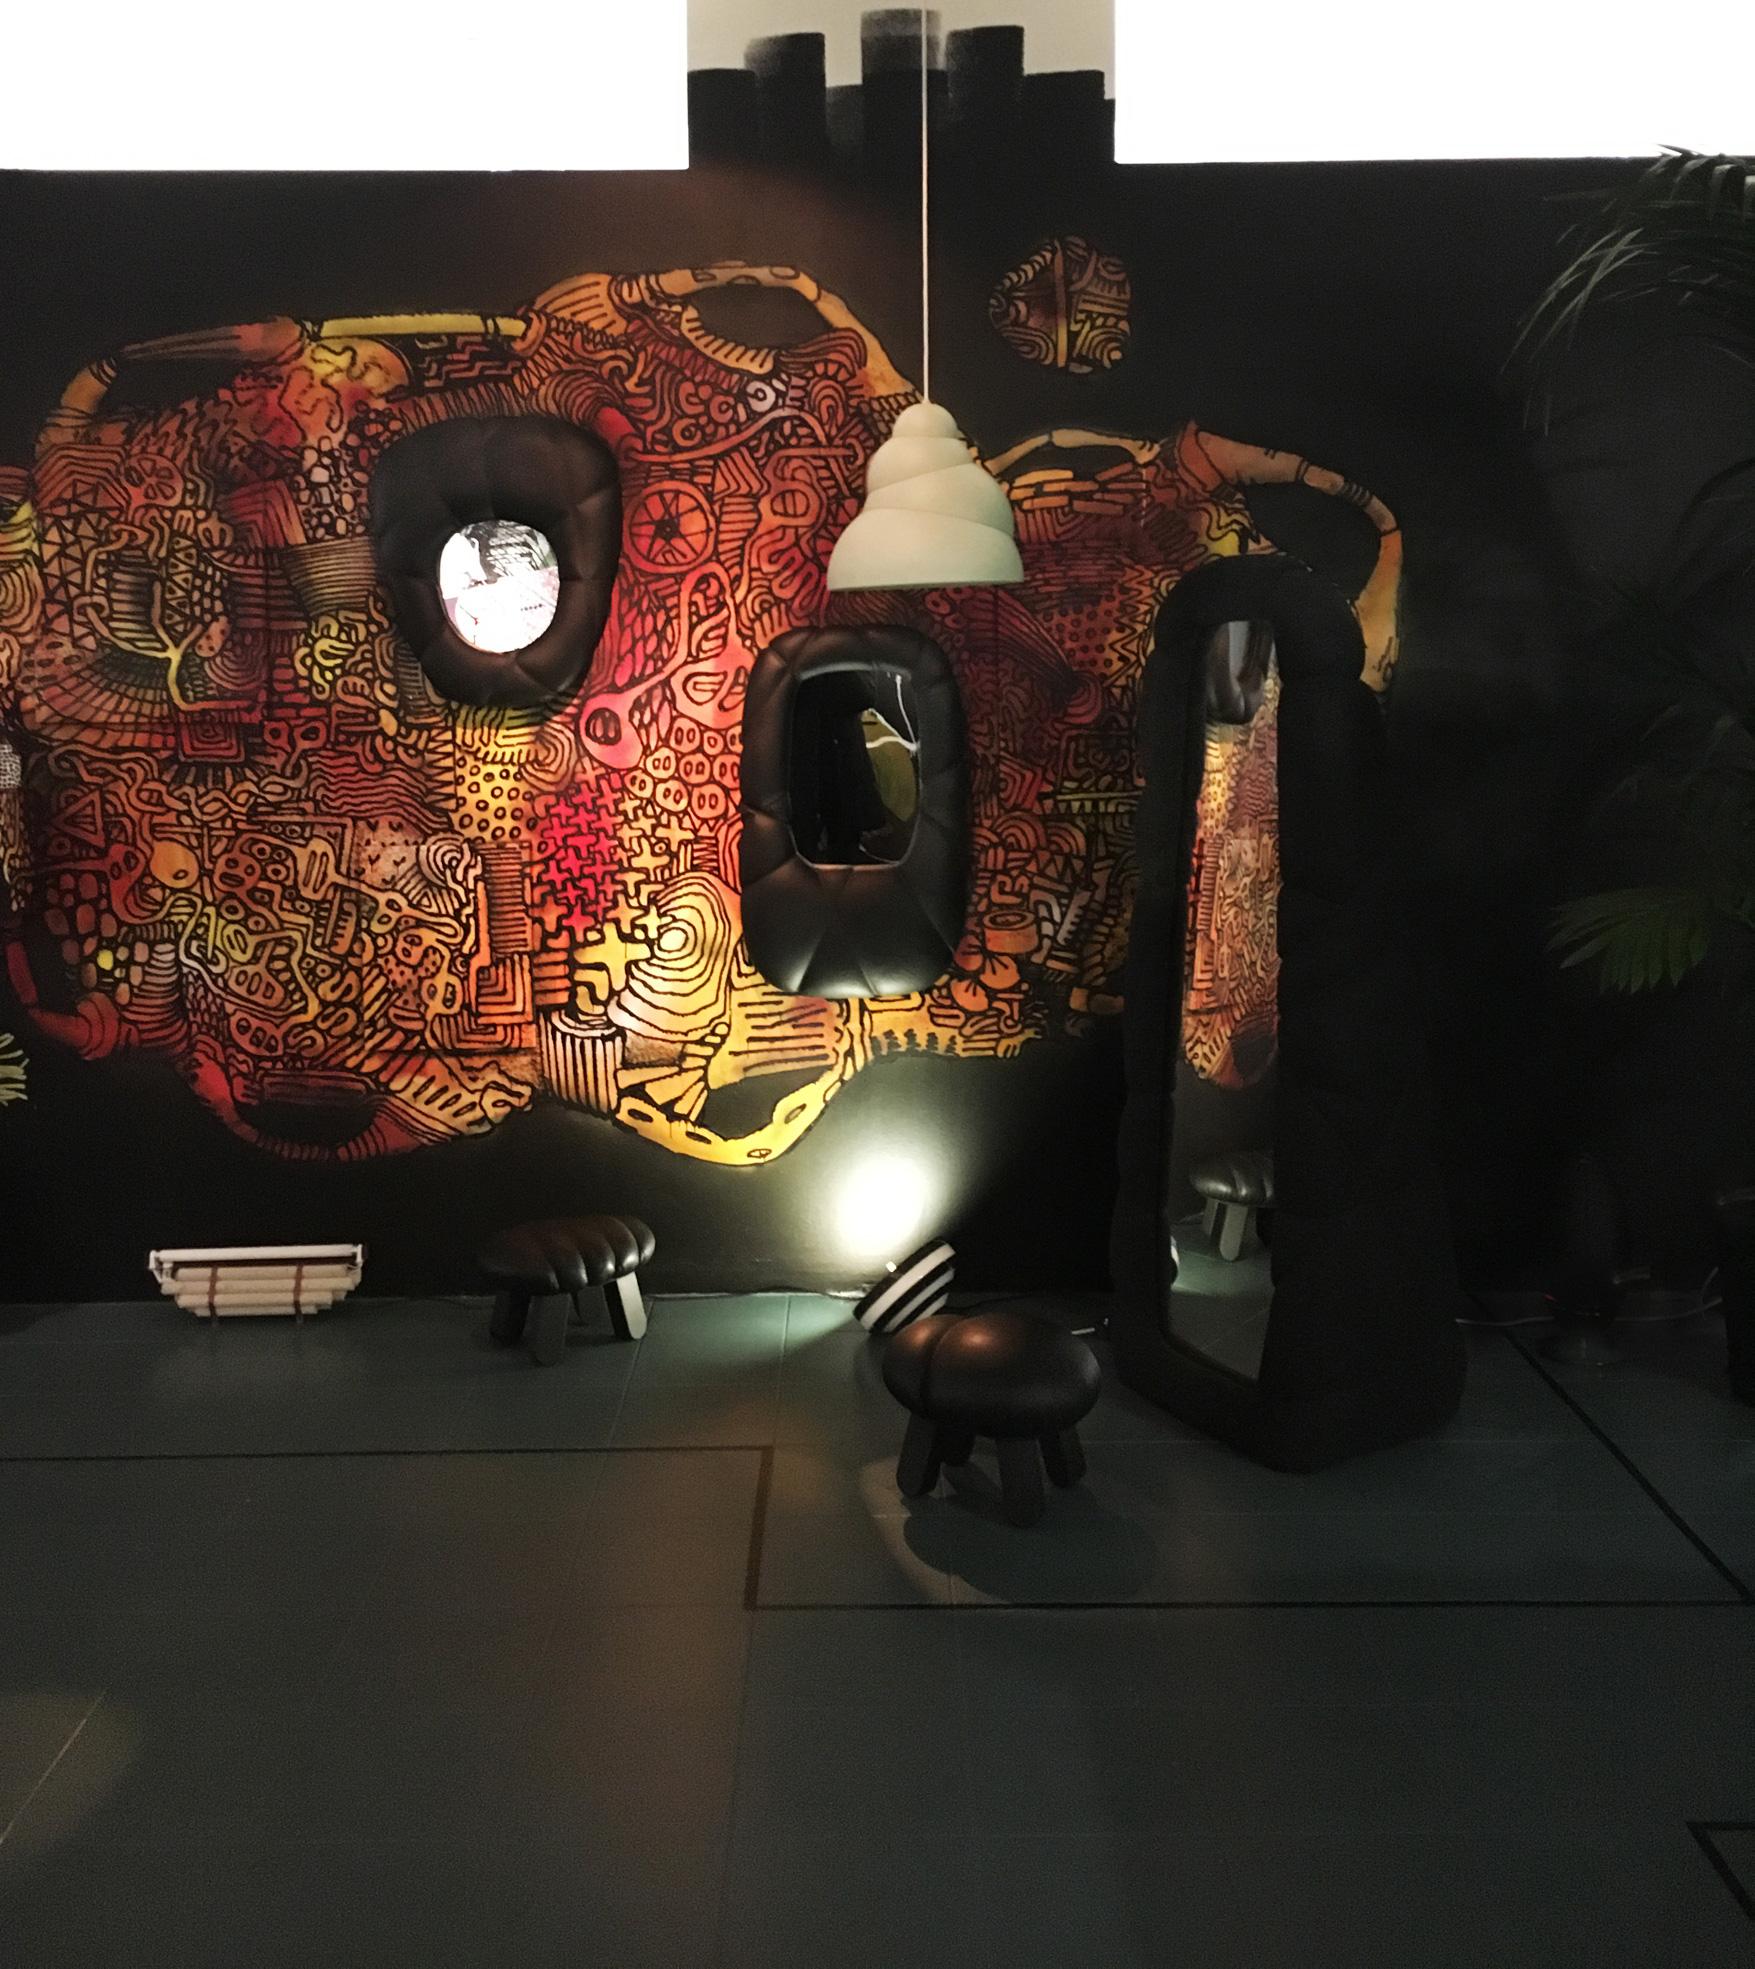 Superfin unik konst och hantverk till din inredning hittar ni hos Props By Kampmann, Stockholm. Just nu kan ni se produkterna i samarbete med Street Art artister hos Wallery på Regeringsgatan, NKpassagen Stockholm. Missa inte detta!